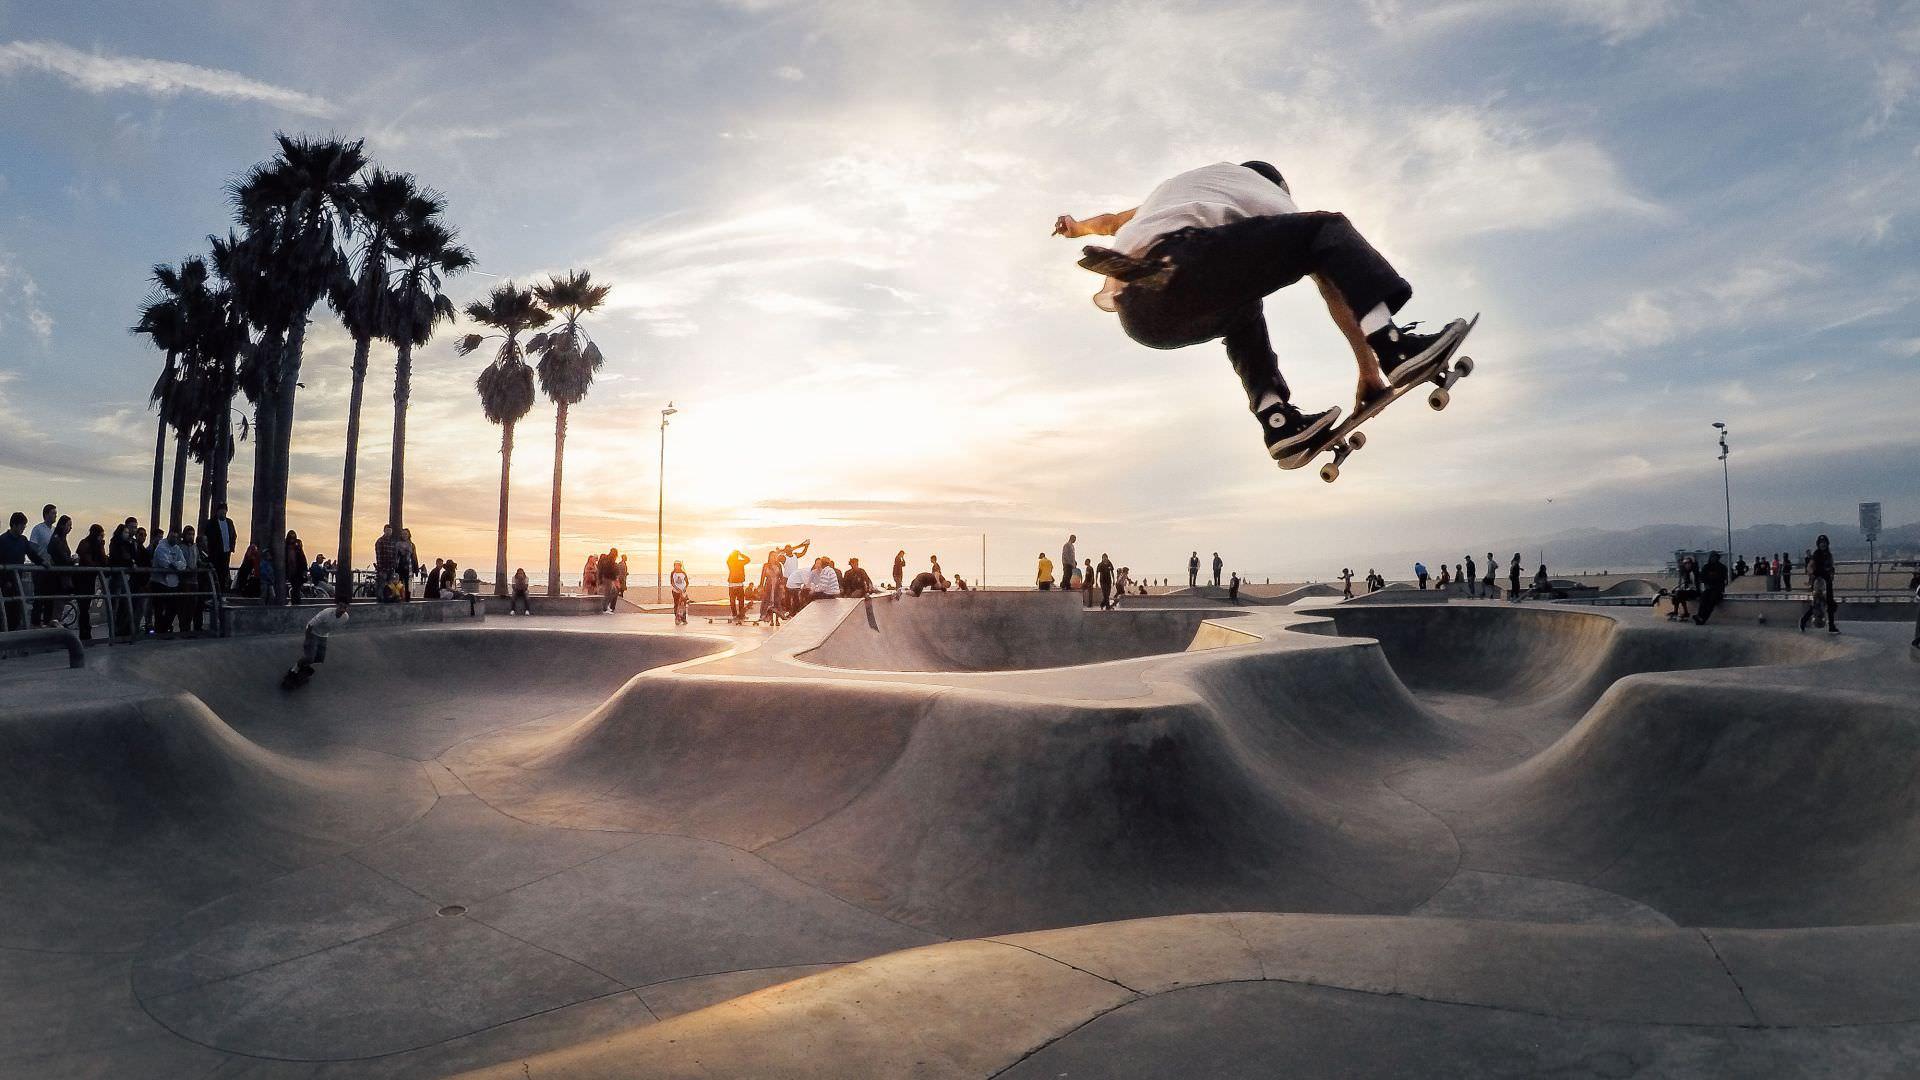 GWL Skatepark - Venice Beach Skatepark